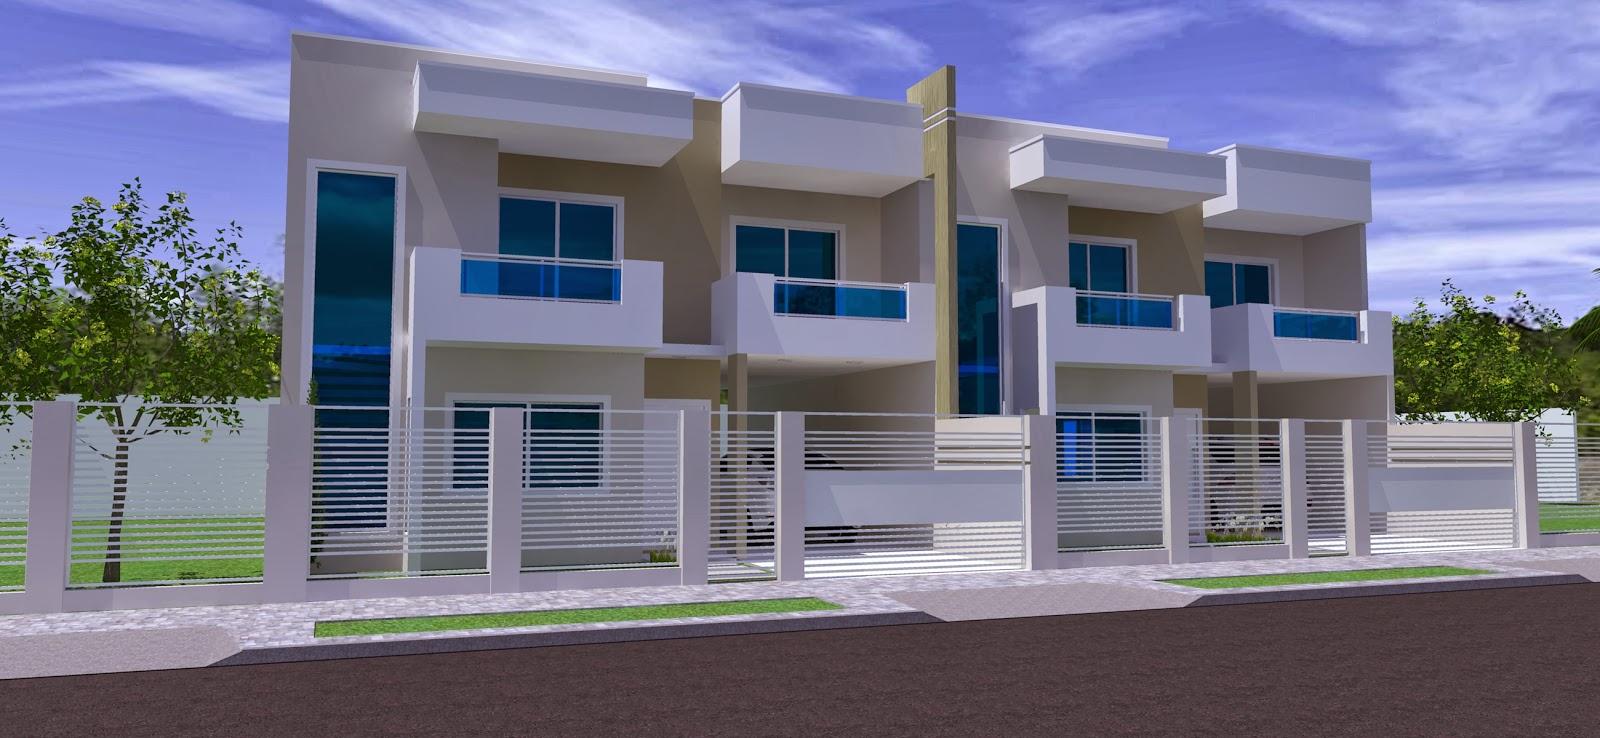 Wiebbelling projetos tridimensionais e renderiza o - Pinturas para fachadas exteriores fotos ...